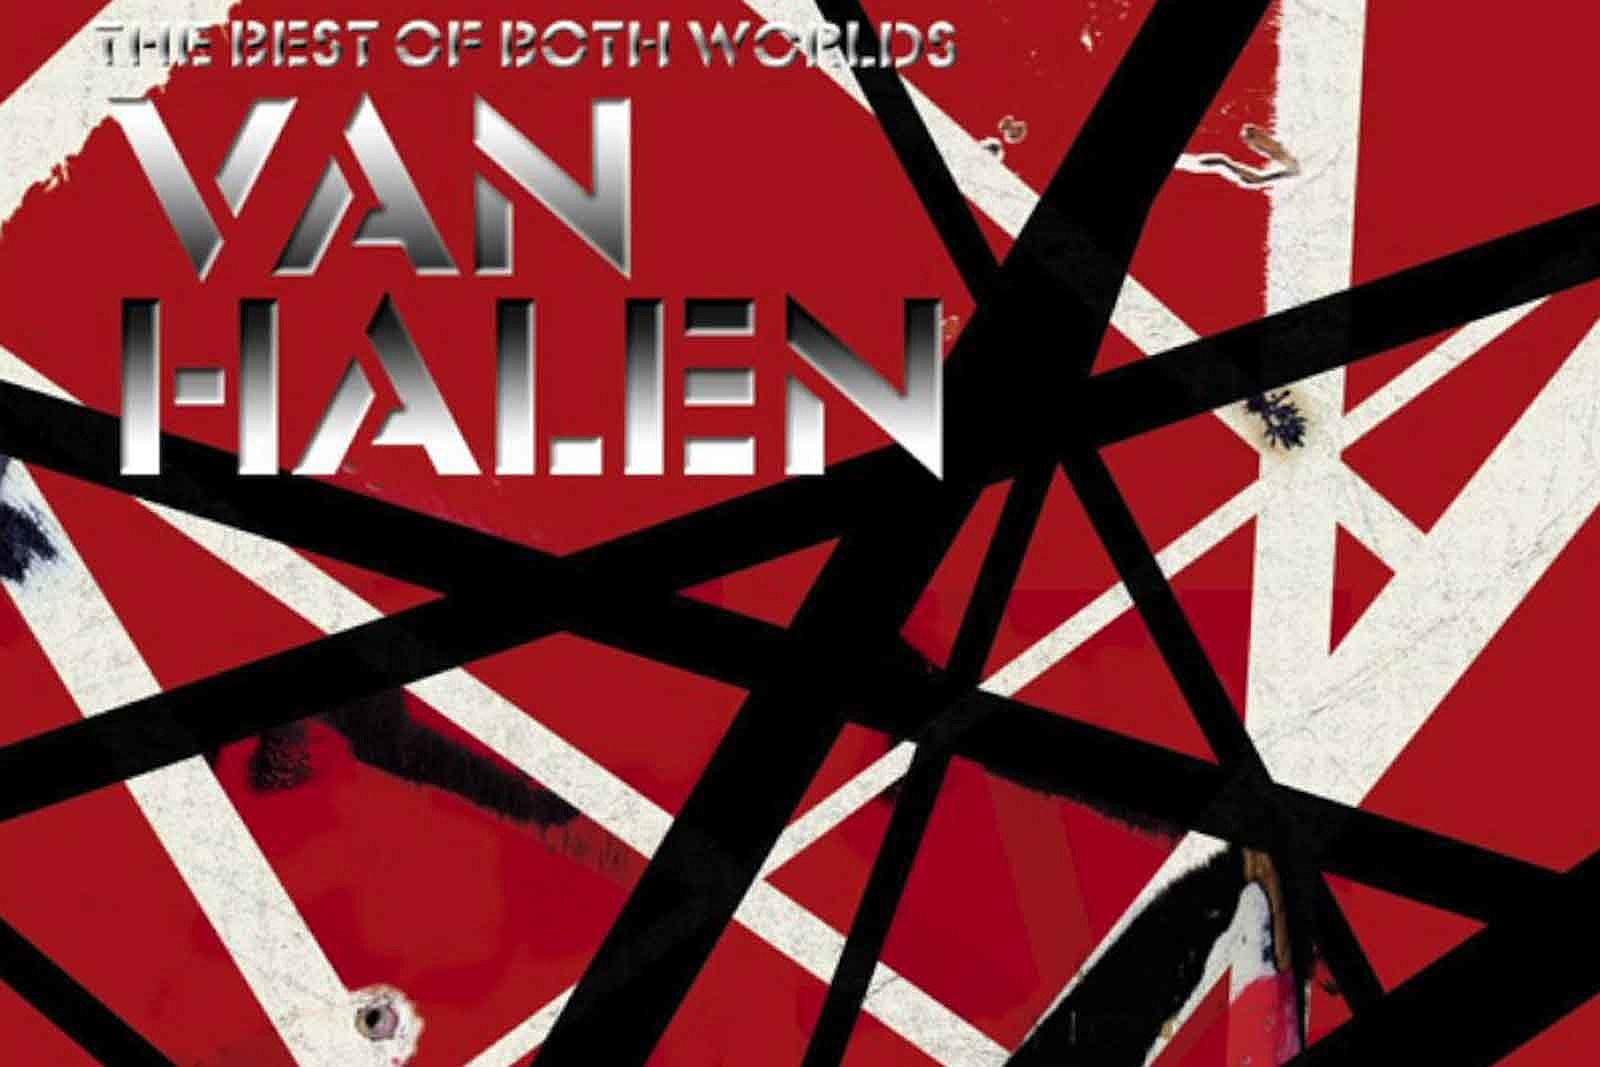 Van Halen and Sammy Hagar Reunite for 'Best of Both Worlds' Songs